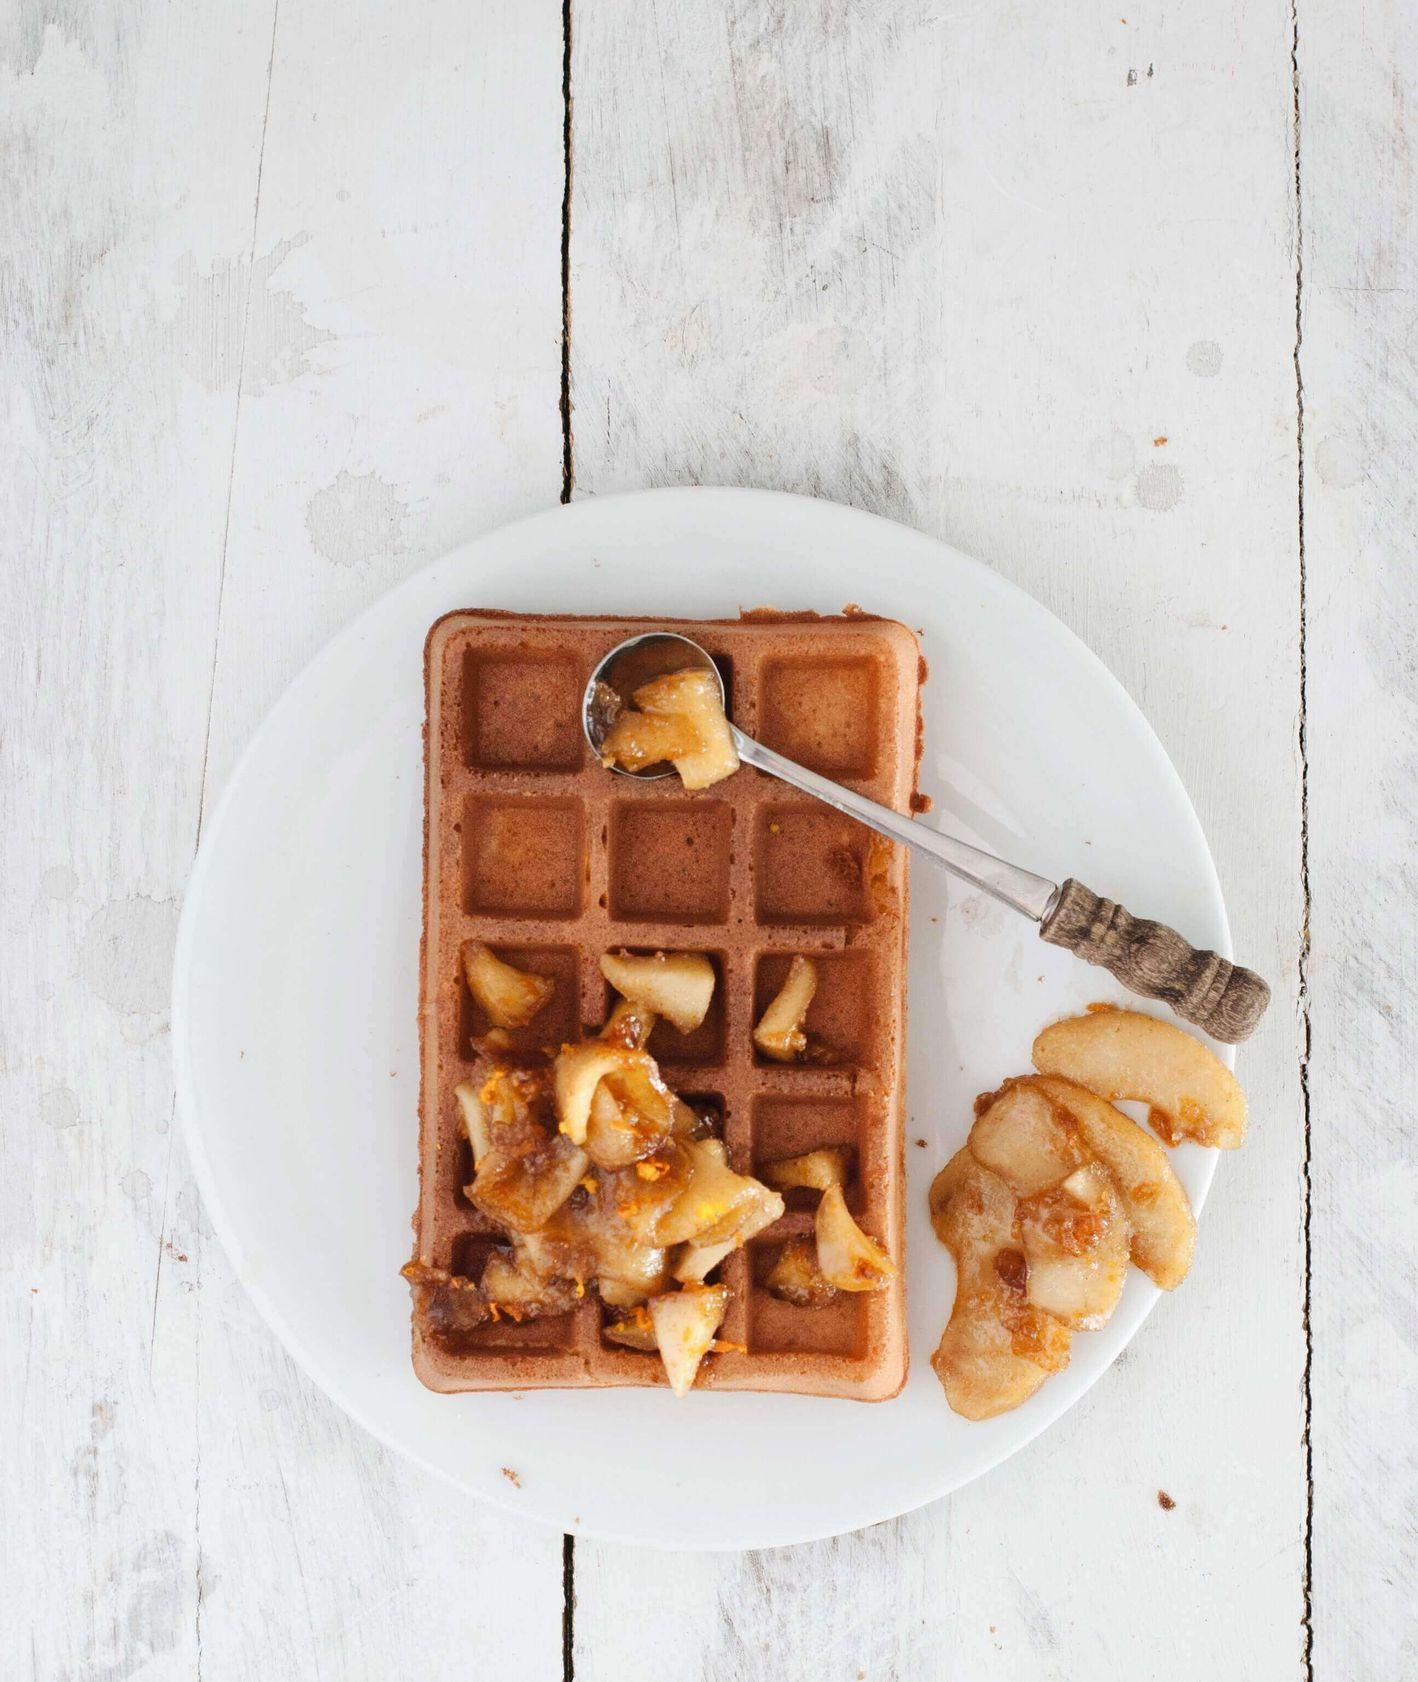 gofry gryczane z karmelizowanymi jabłkami, gofry gryczane, bezglutenowe gofry, gofry bez cukru, gofry bez pszenicy, zdrowe gofry, śniadanie na słodko, słodkie śniadanie, przepis Lisia Kawiarenka, karmelizowane jabłka